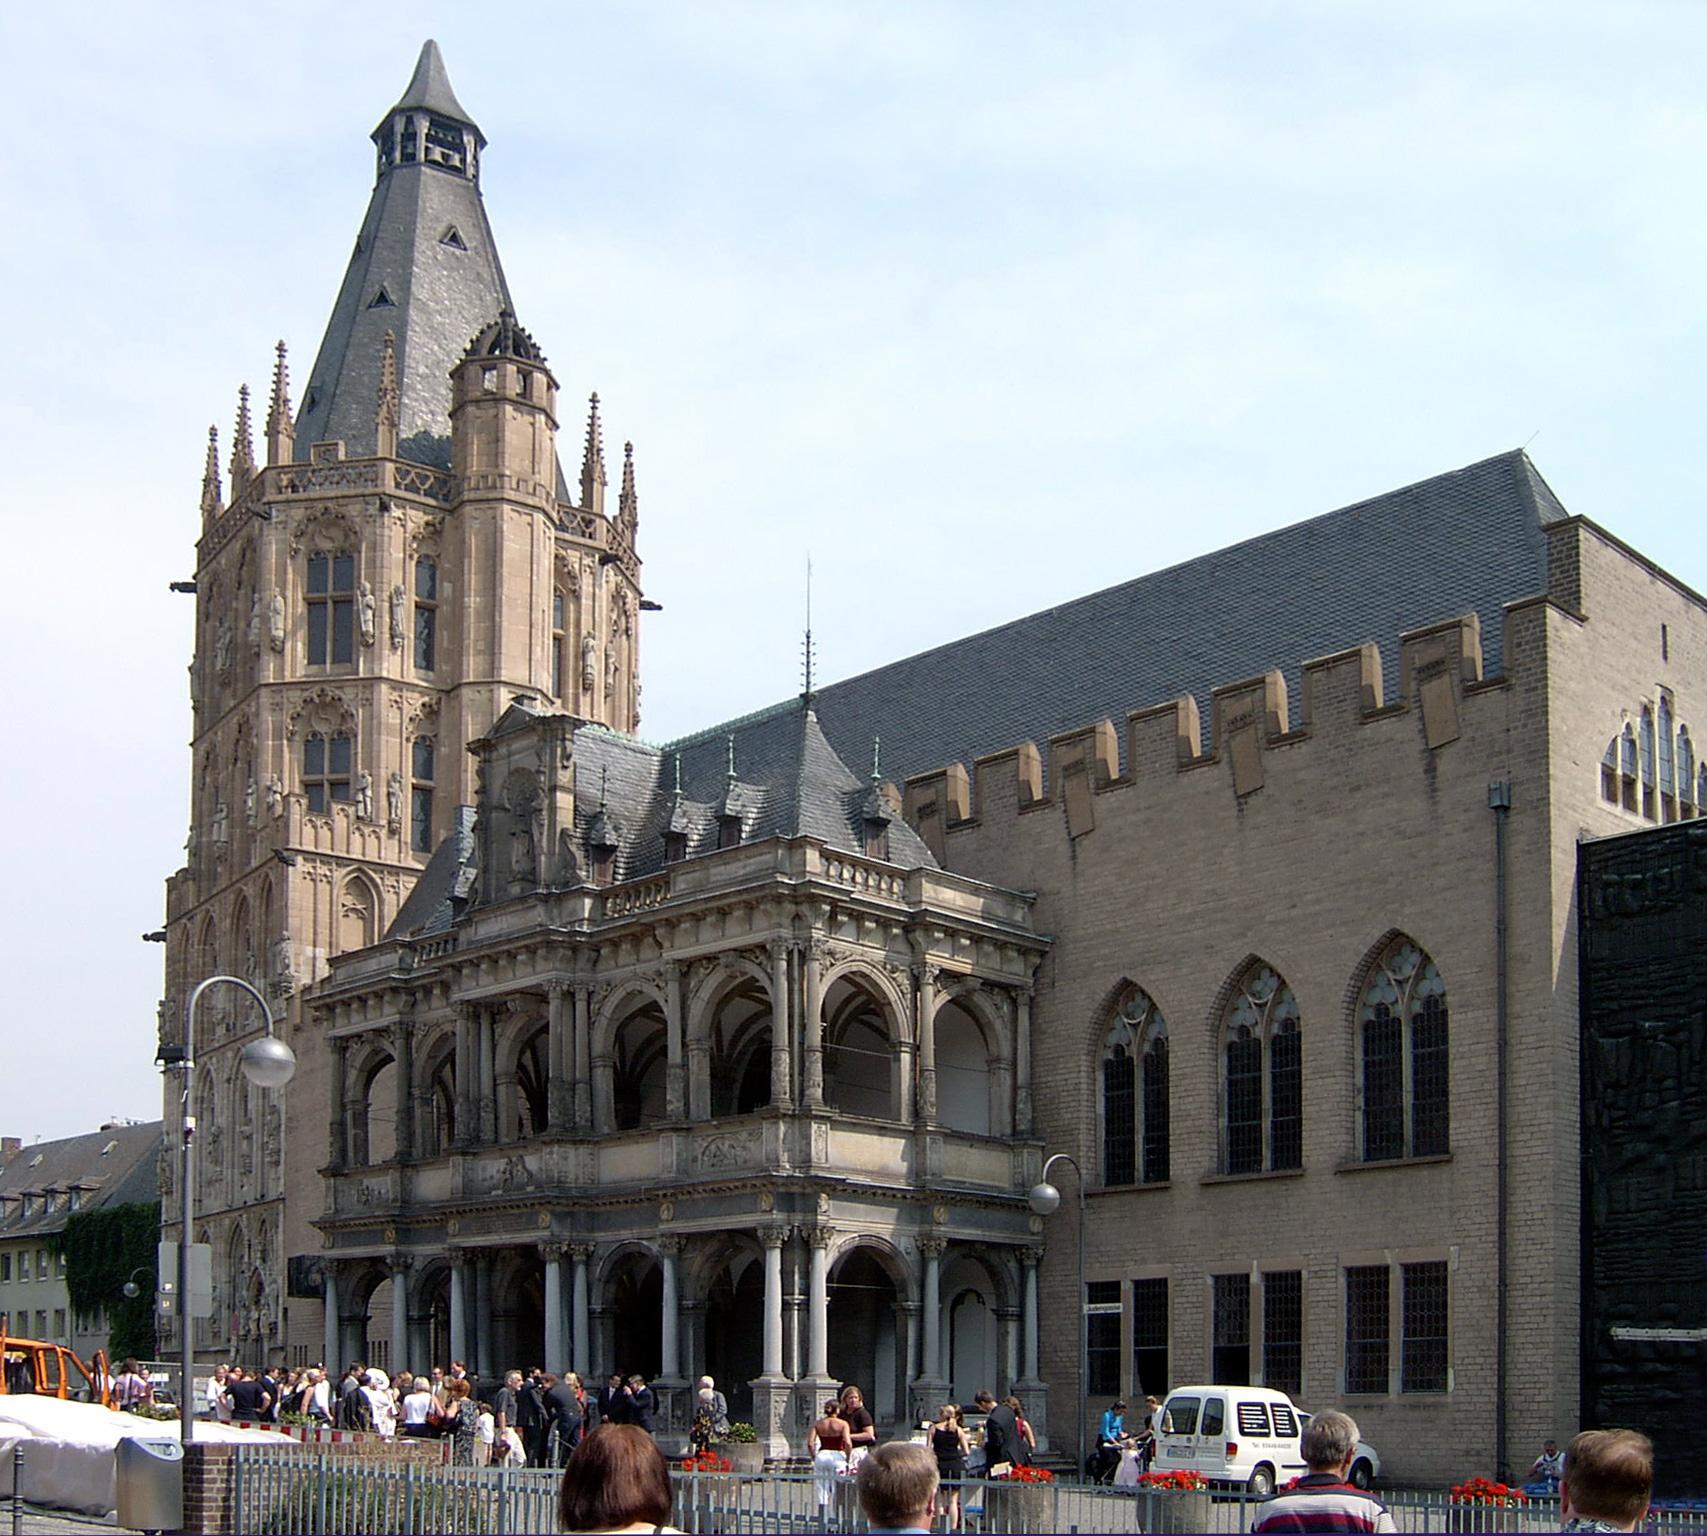 Kölns Historisches Rathaus mit dem 1414 vollendeten, repräsentativen Rathausturm und der im 16. Jahrhundert erbauten Renaissance-Laube, die in dieser Form nördlich der Alpen einzigartig ist (im Oktober 2004 vor Beginn der umfangreichen archäologischen Ausgrabungen auf dem Rathausvorplatz).